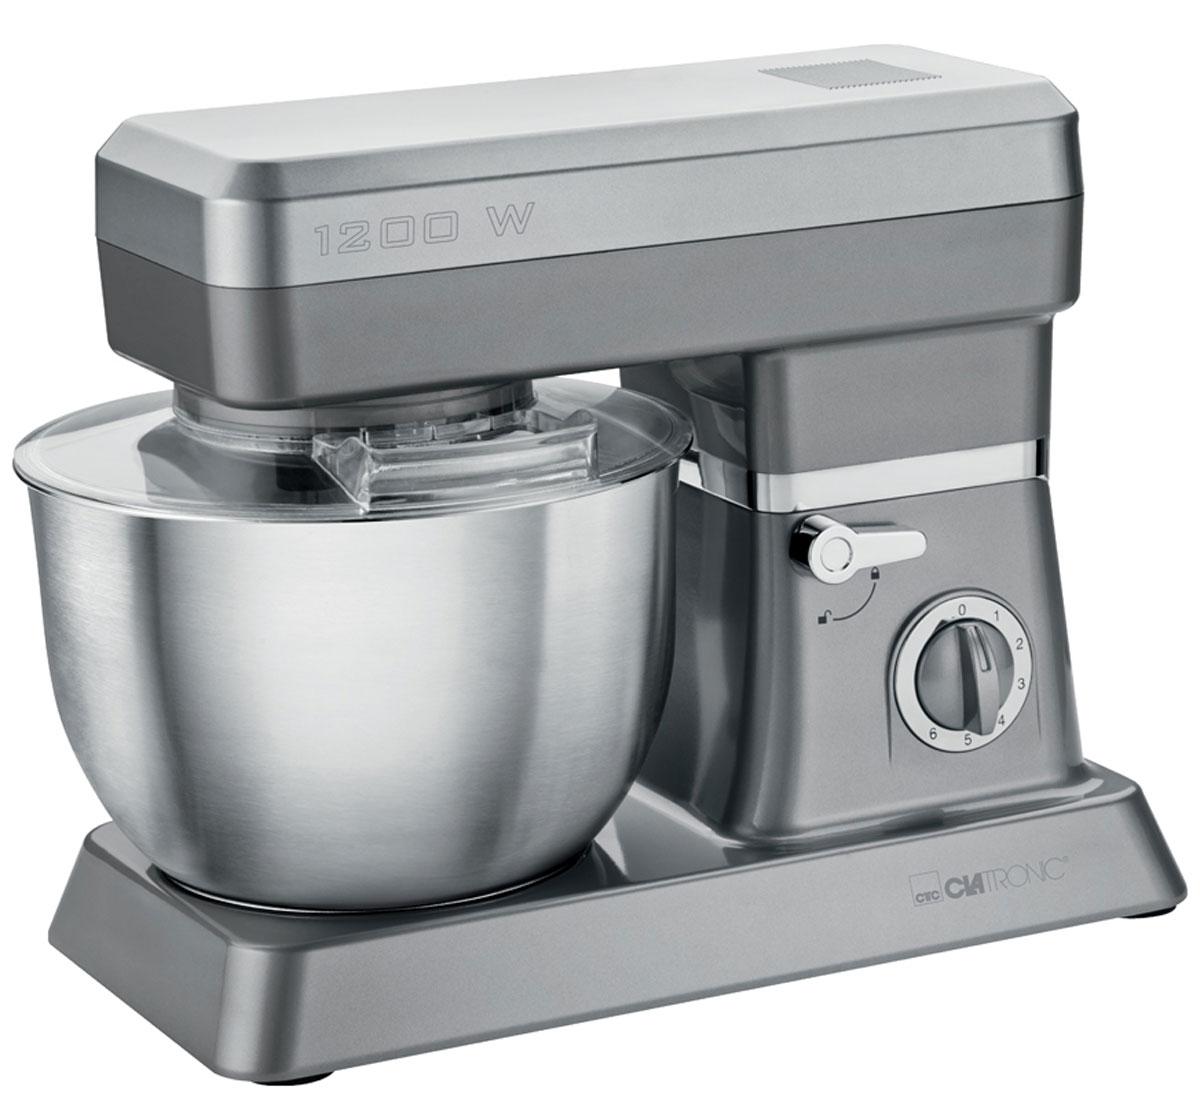 Clatronic KM 3630, Gray кухонный комбайнKM 3630 titanСтационарный миксер Clatronic KM 3630 станет прекрасным помощником для любой хозяйки С ним вы сможете готовить невероятно вкусные и аппетитные блюда, при этом сократив время их приготовление. Основным назначением прибора является изготовление различных видов теста и кремов. Миксер качественно и быстро перемешивает различные ингредиенты, что дает возможность избежать комочков. Clatronic KM 3630 снабжен чашей из нержавеющей стали и механической системой управления. 6 скоростей замешивания + импульсный режим обеспечат наилучший результат. Поворотный рукав на 35° Чаша из нержавеющей стали Быстрозажимной патрон Легко разбирается для мытья и чистки